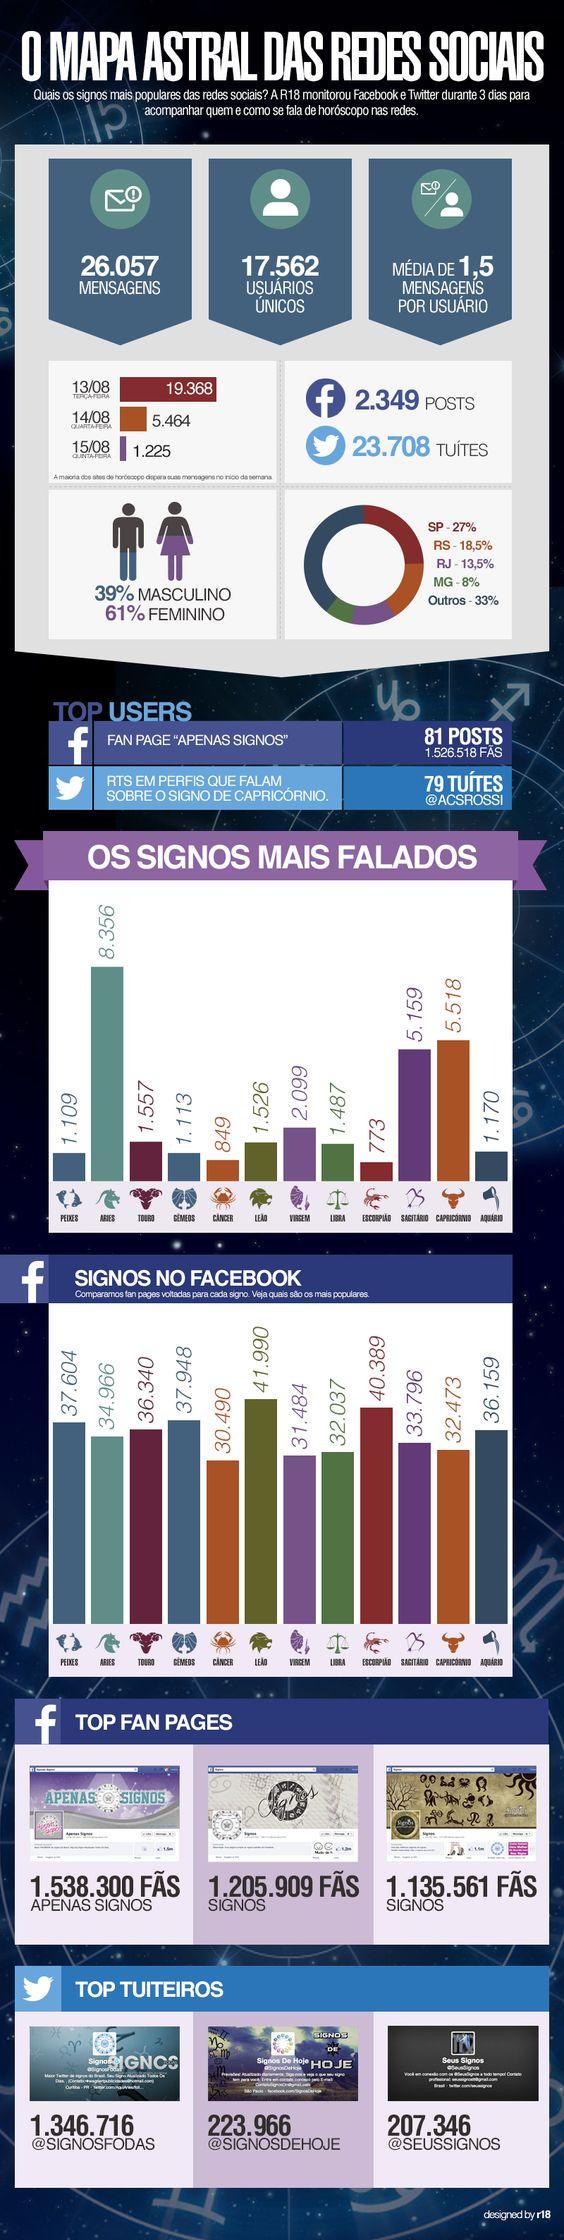 Os signos do horóscopo nas redes sociais.